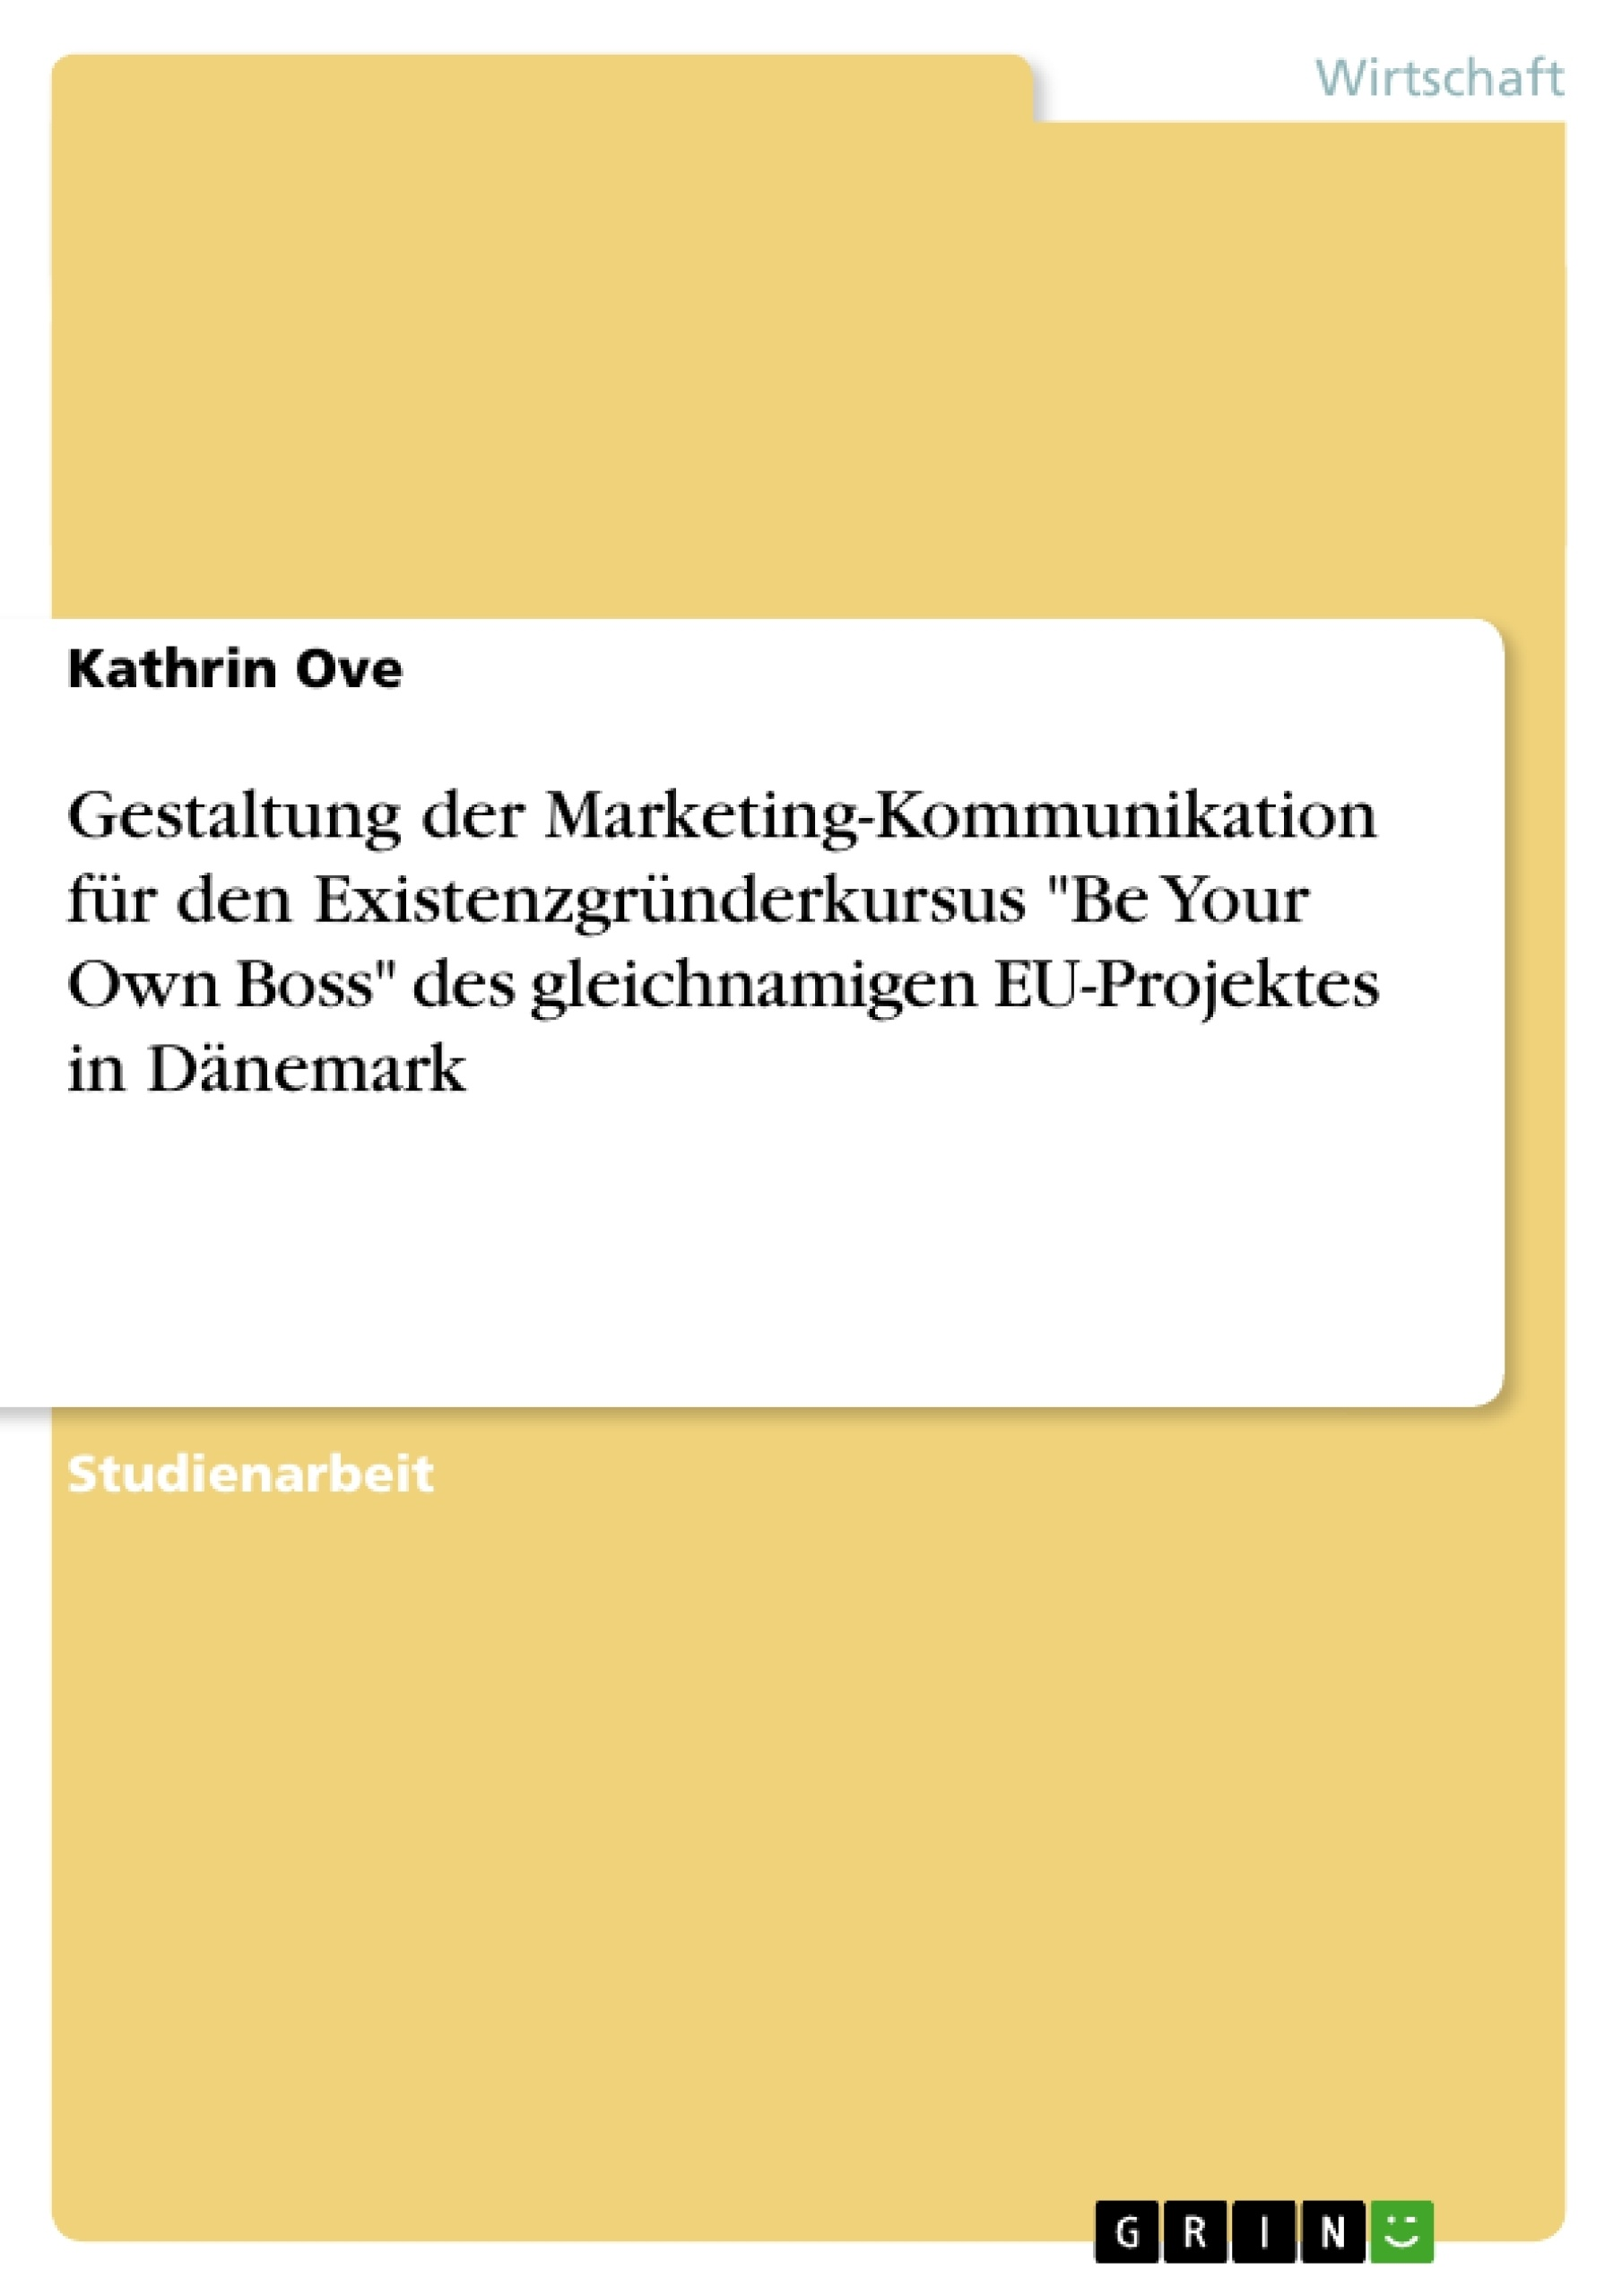 """Titel: Gestaltung der Marketing-Kommunikation für den Existenzgründerkursus """"Be Your Own Boss"""" des gleichnamigen EU-Projektes in Dänemark"""